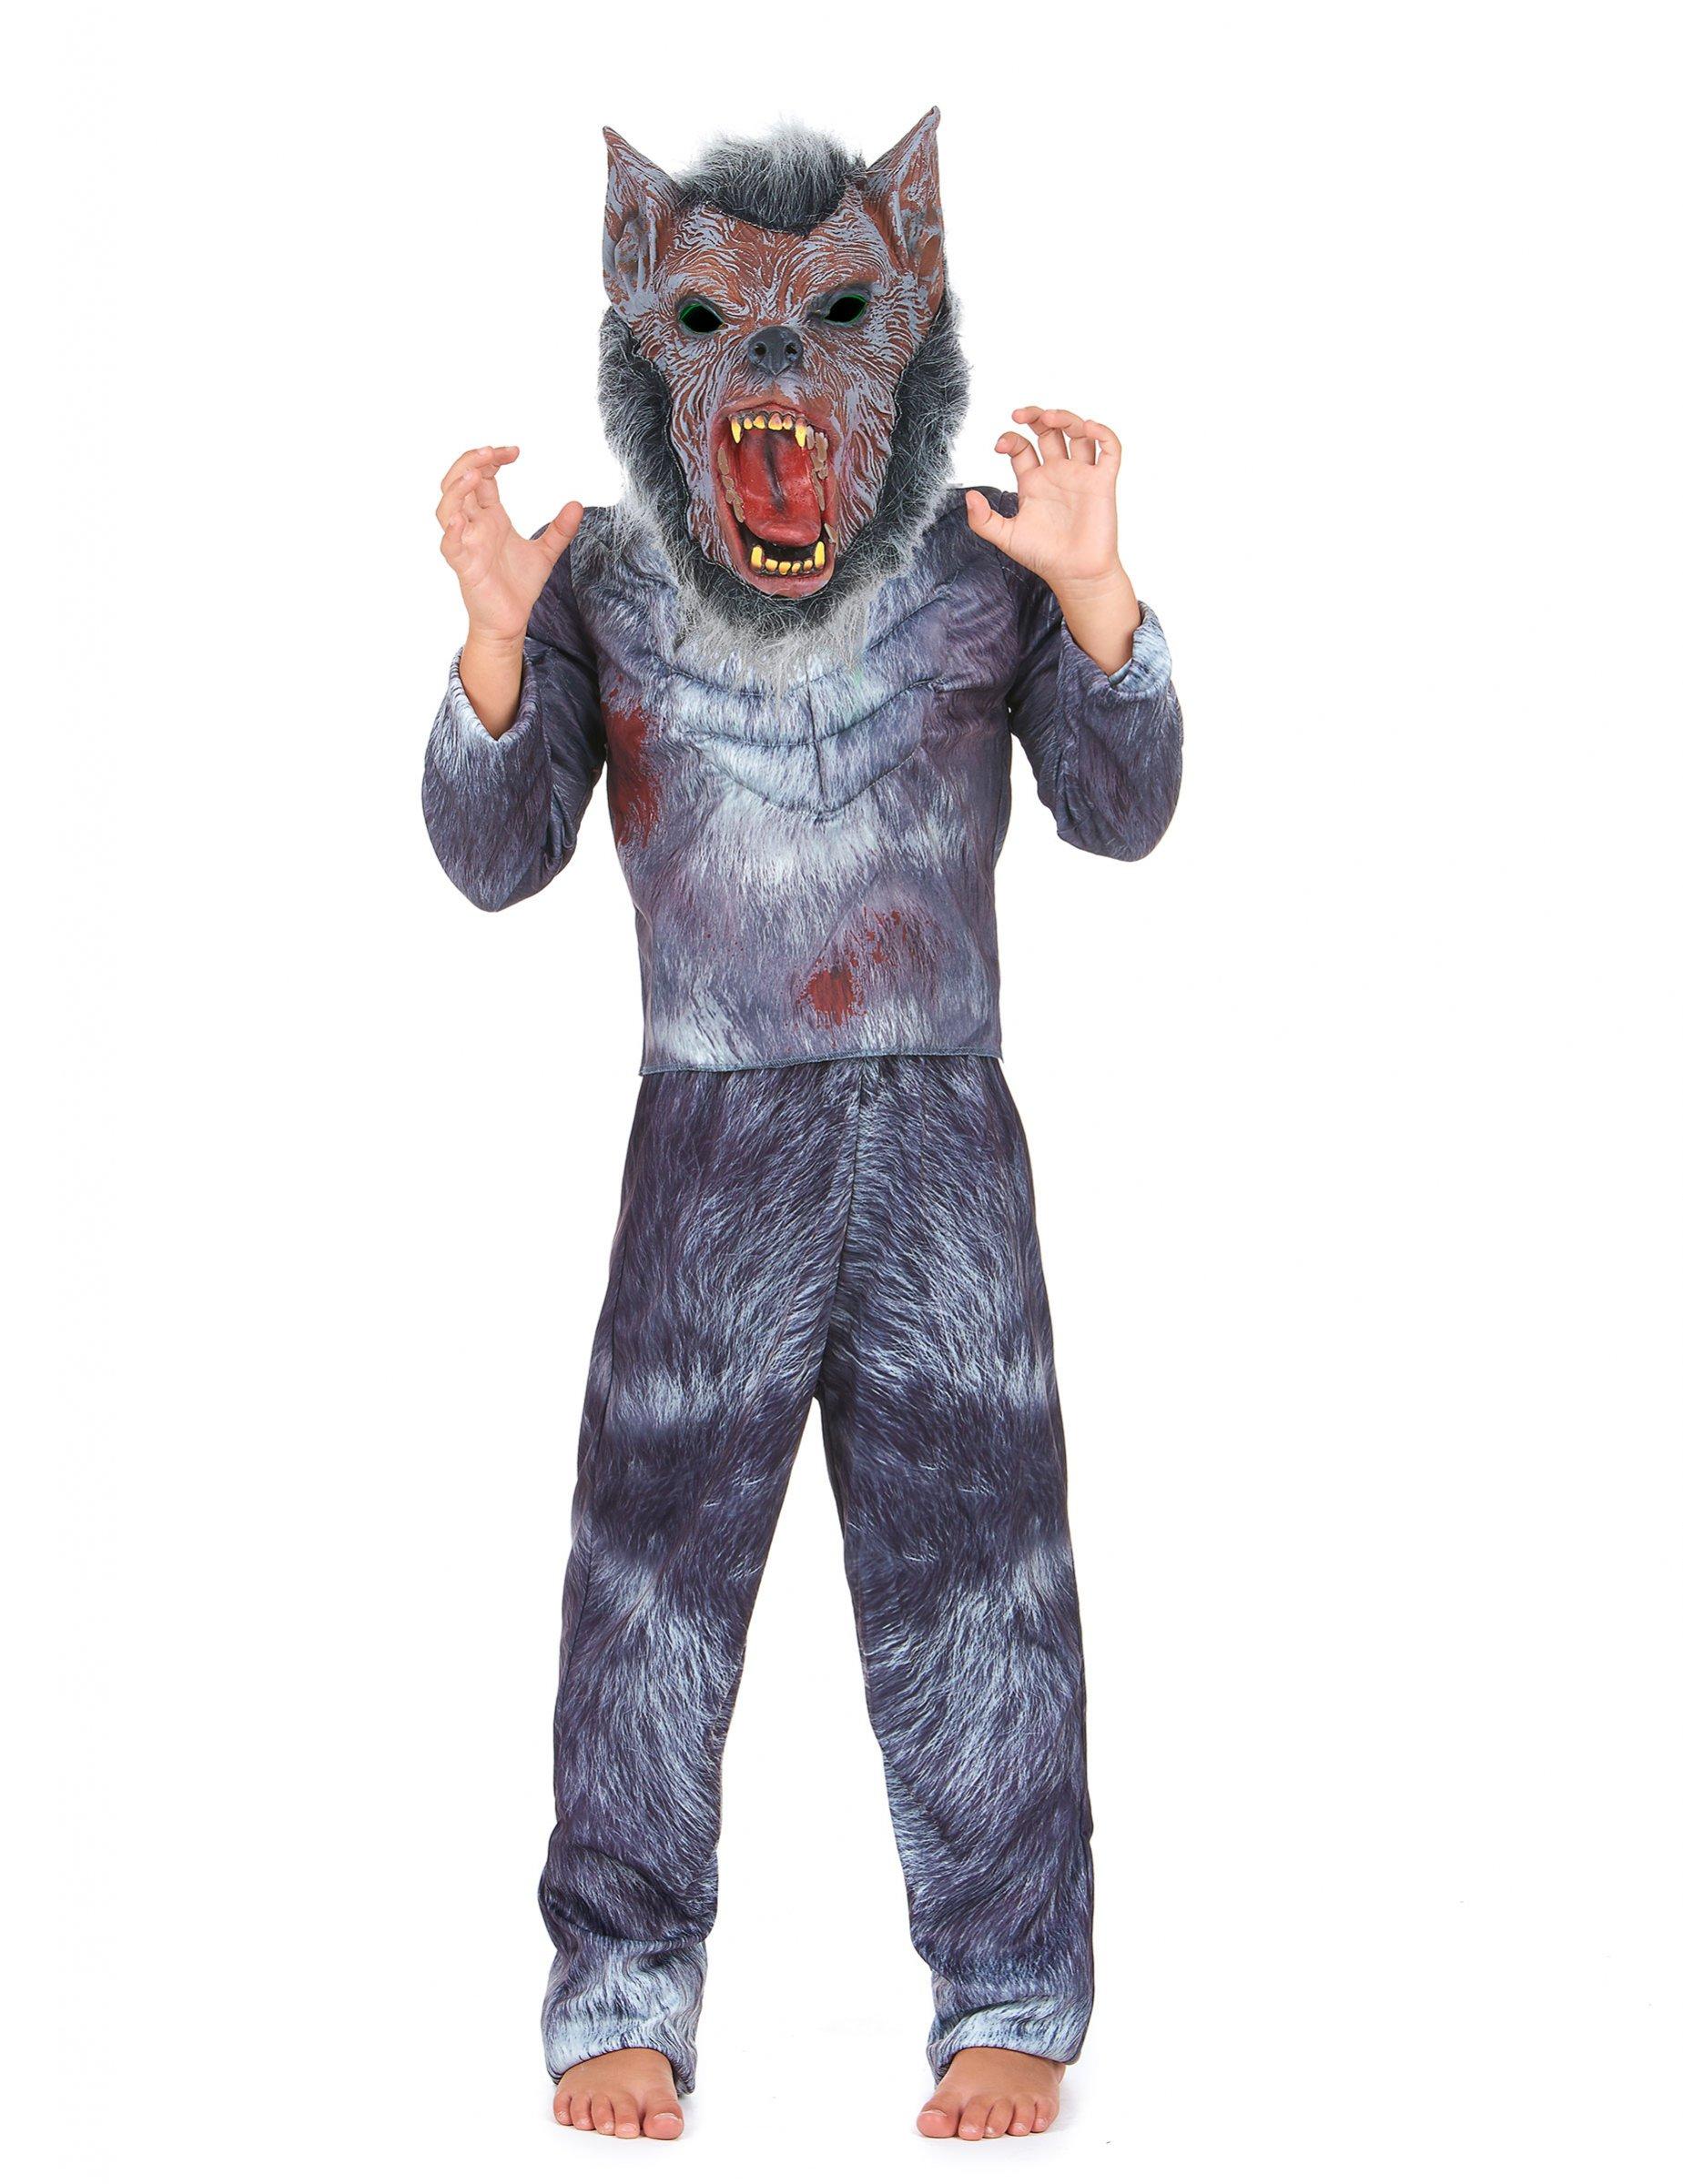 werwolf halloween kinderkost m grau braun g nstige faschings kost me bei karneval megastore. Black Bedroom Furniture Sets. Home Design Ideas